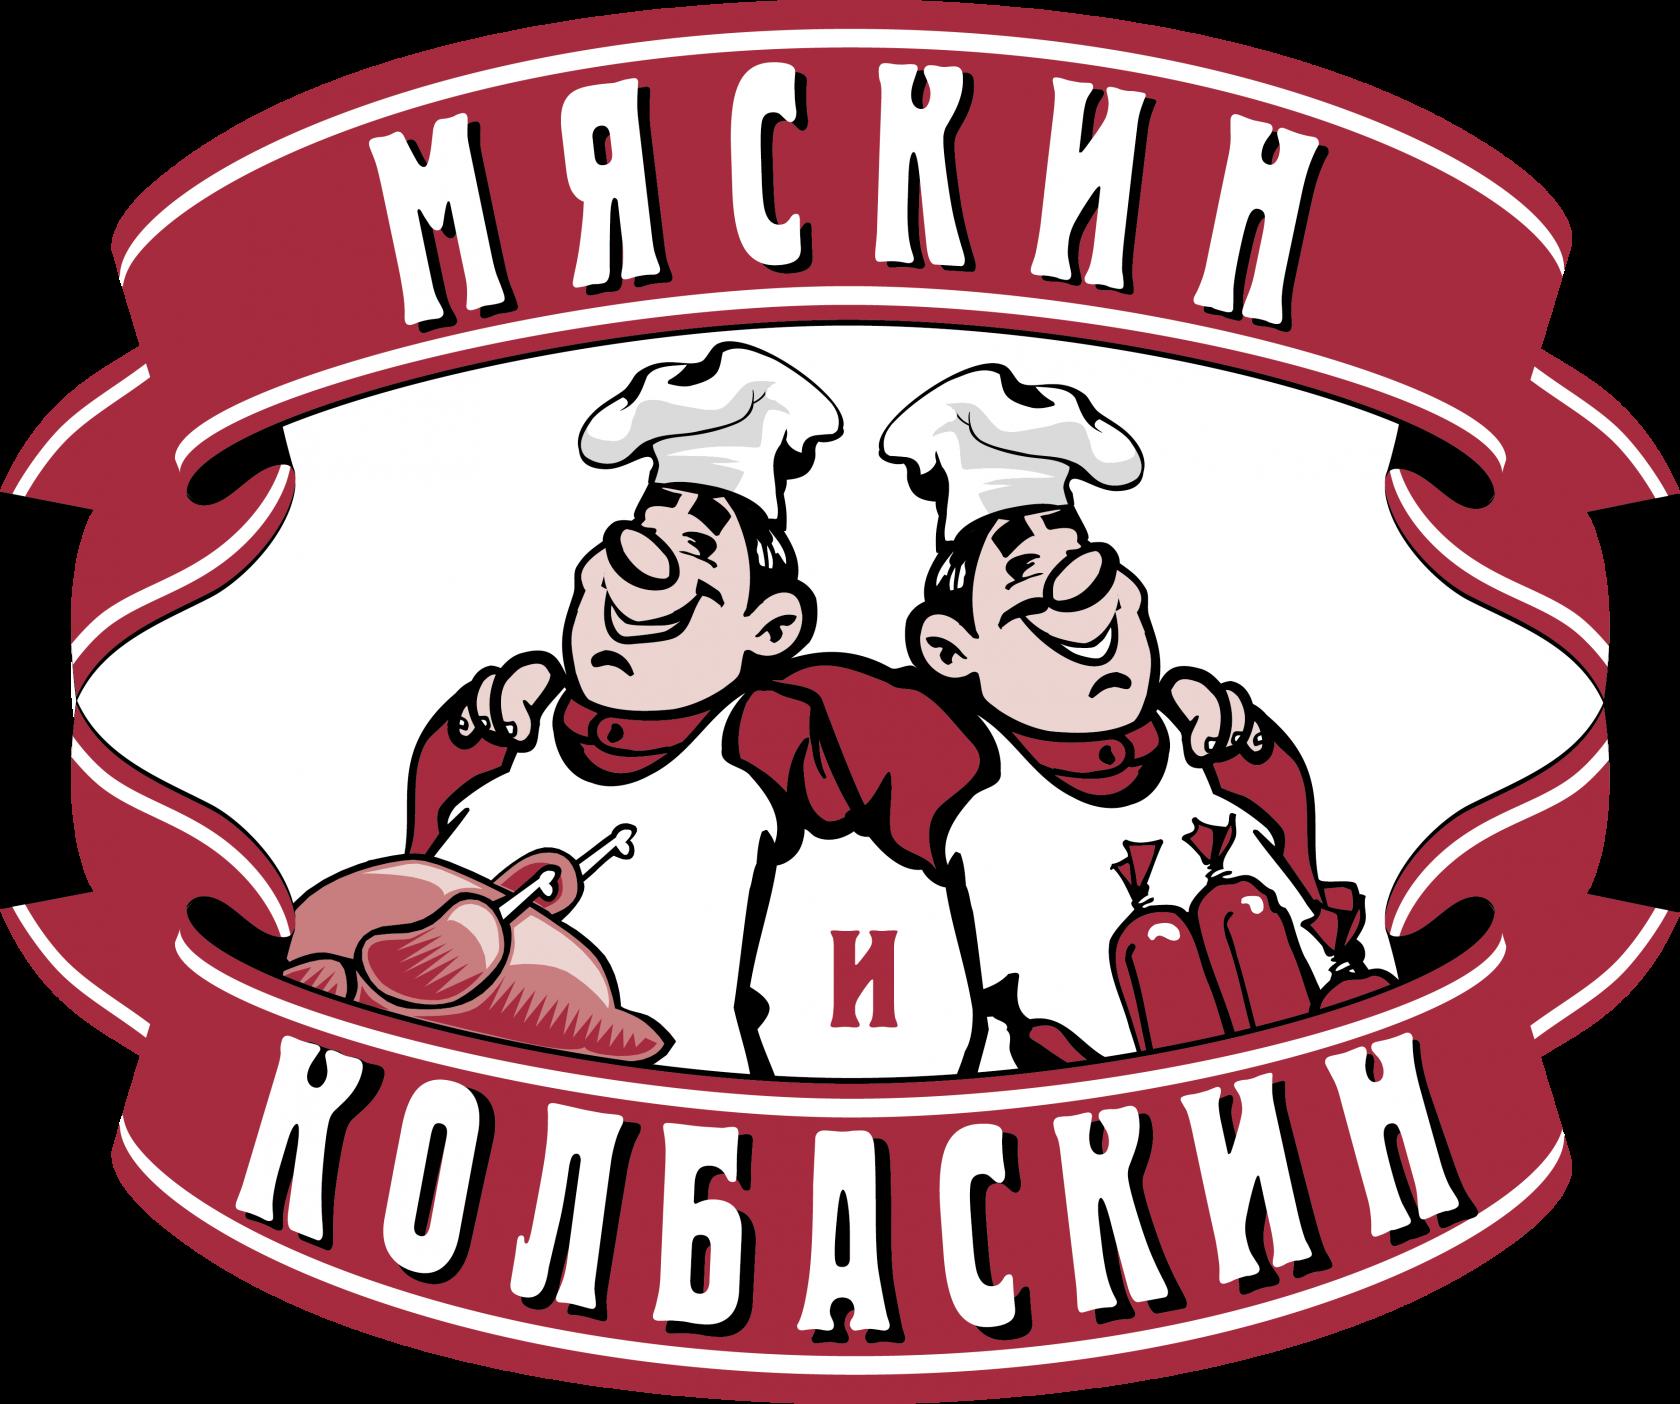 Мяскин и Колбаскин